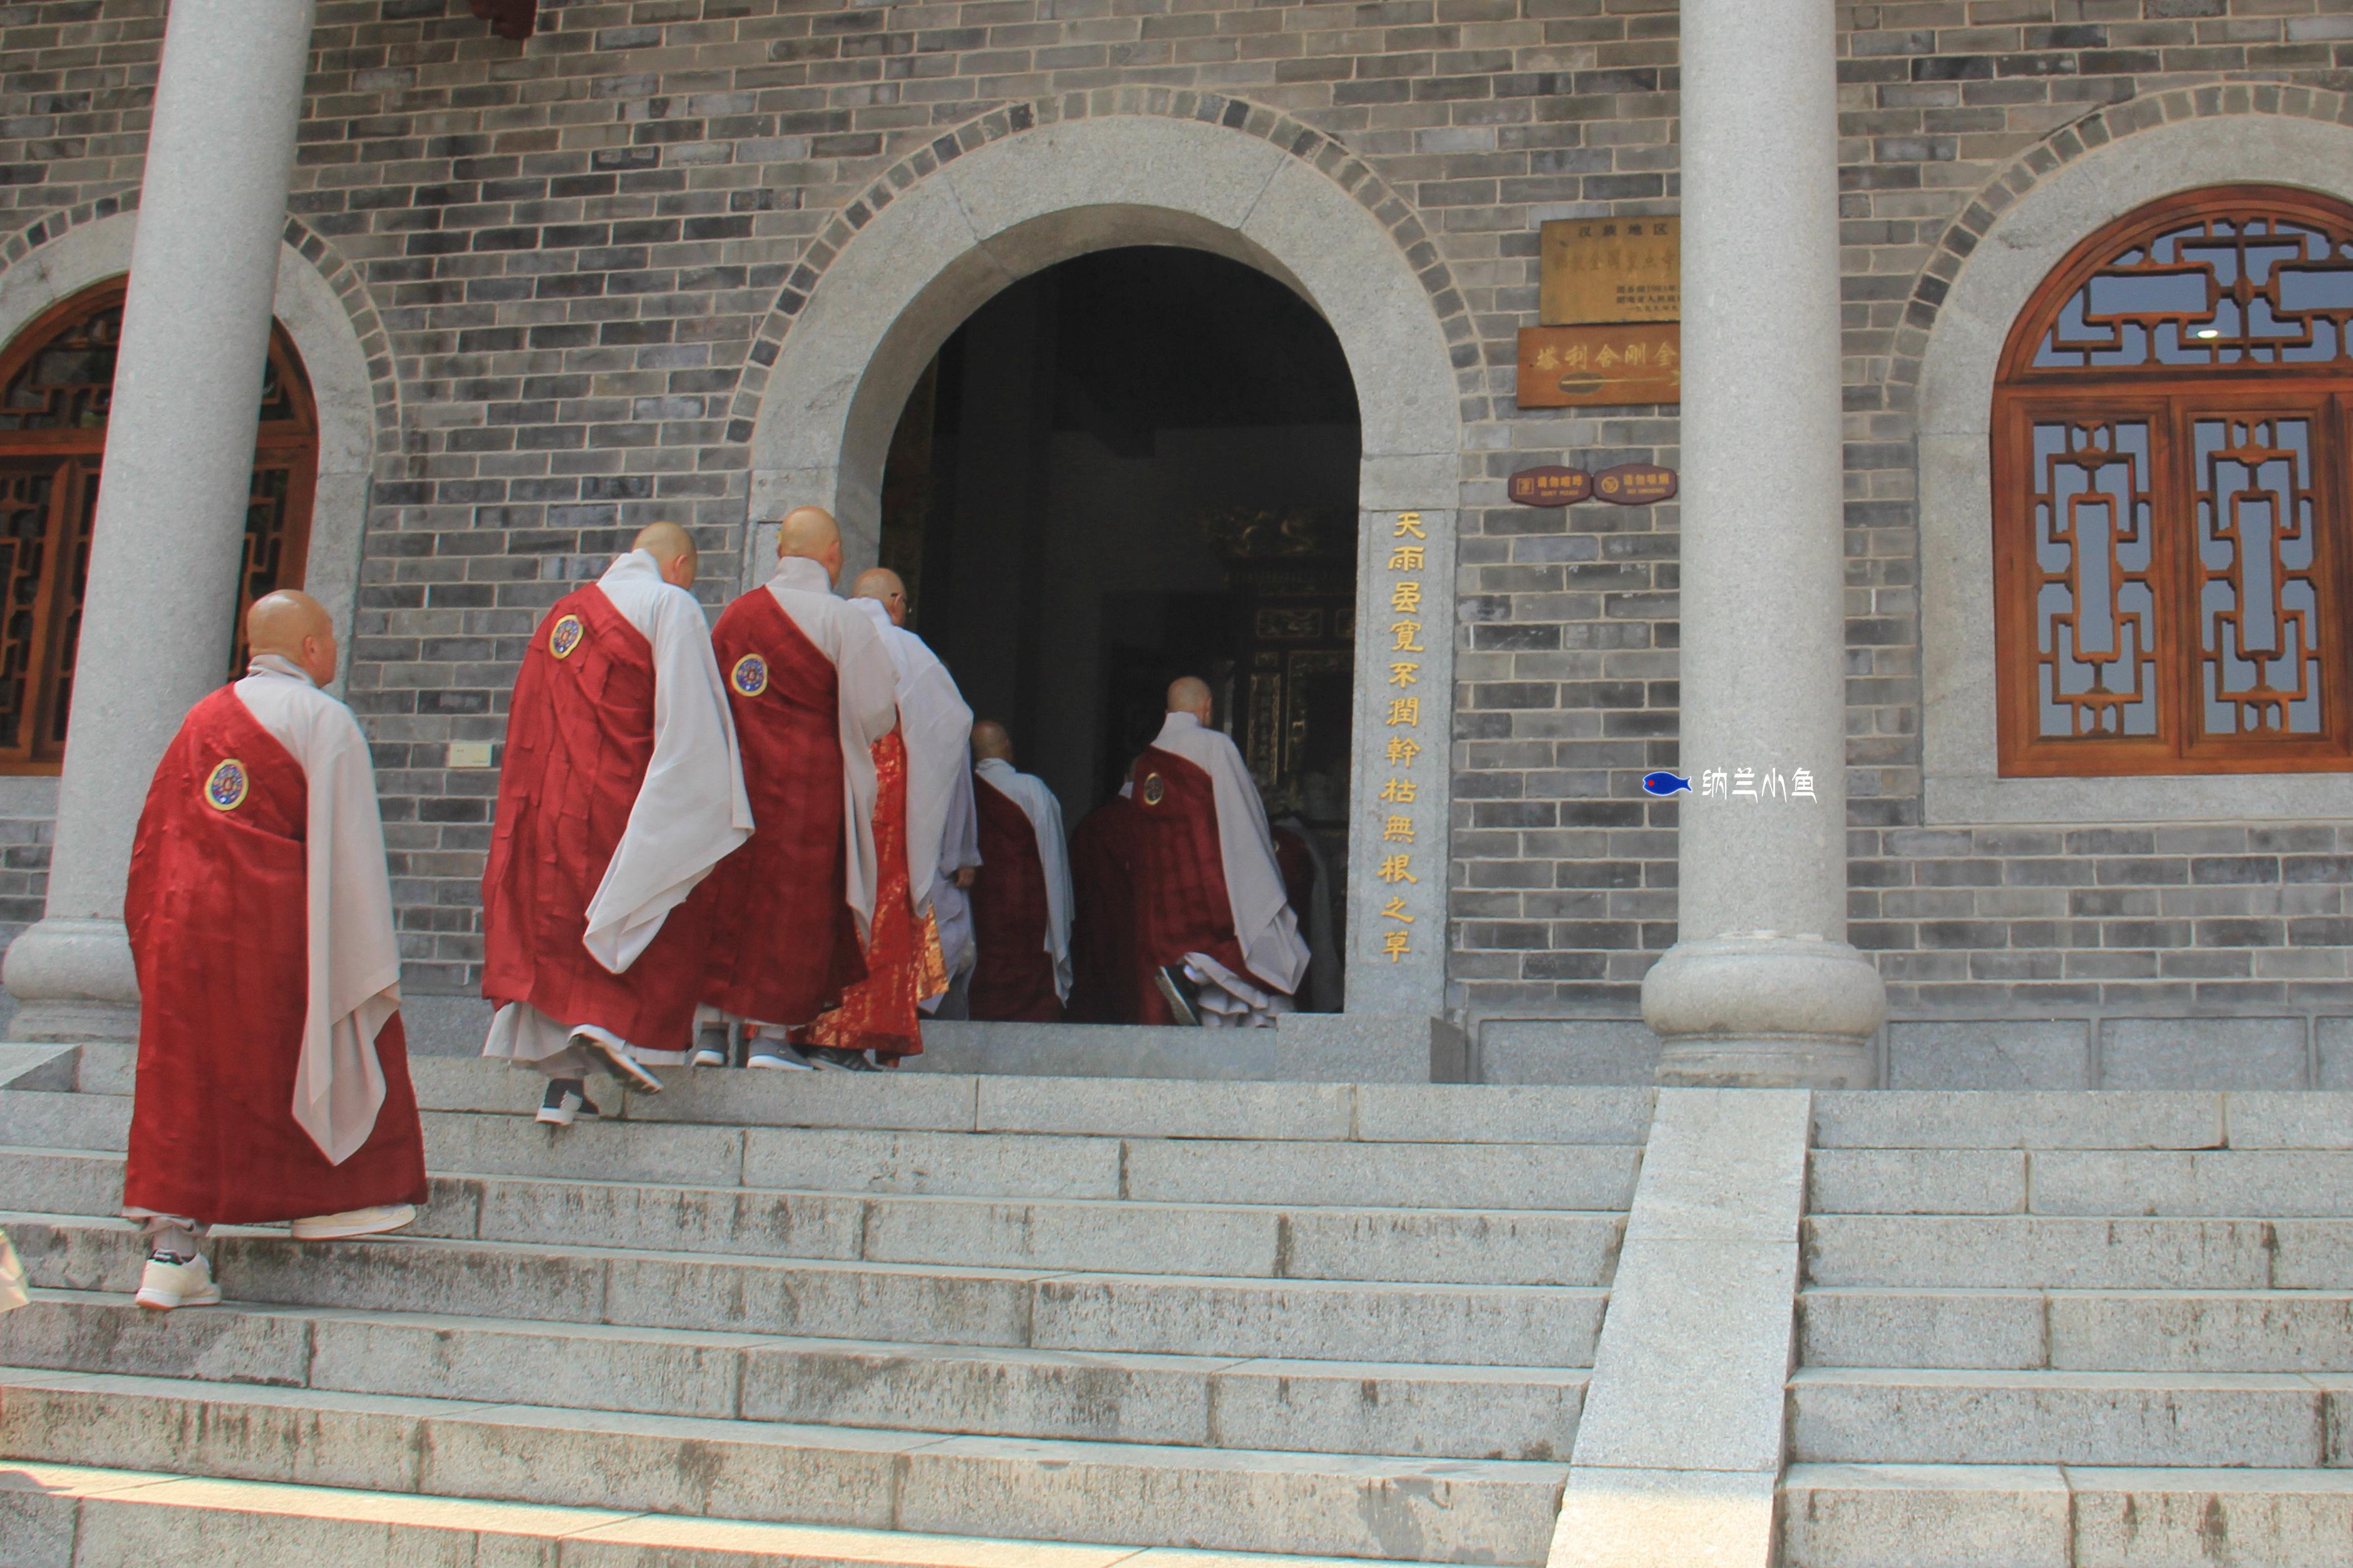 湖南南岳衡山这座千年古寺究竟有何渊源吸引众多韩国日本僧人前来朝圣?